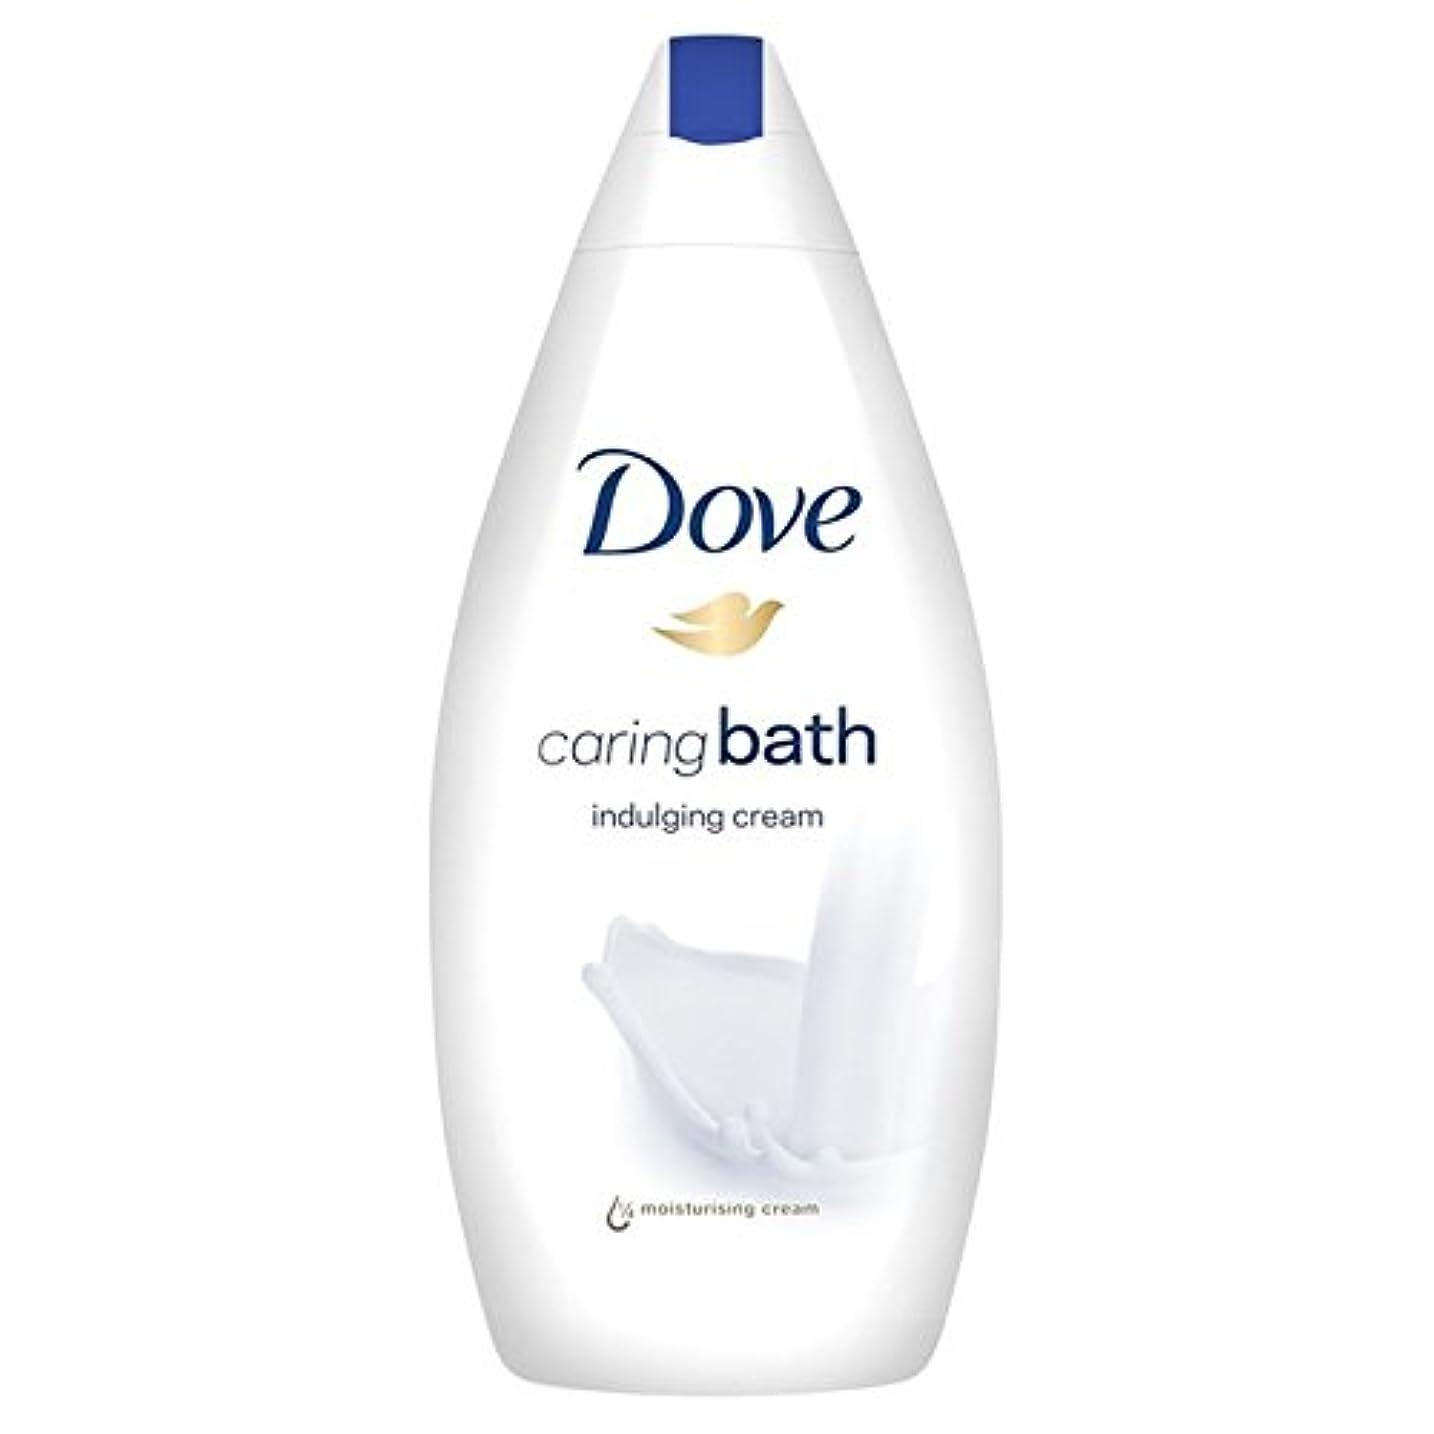 沼地黒人相反する思いやりのバス500ミリリットルをふける鳩 x2 - Dove Indulging Caring Bath 500ml (Pack of 2) [並行輸入品]